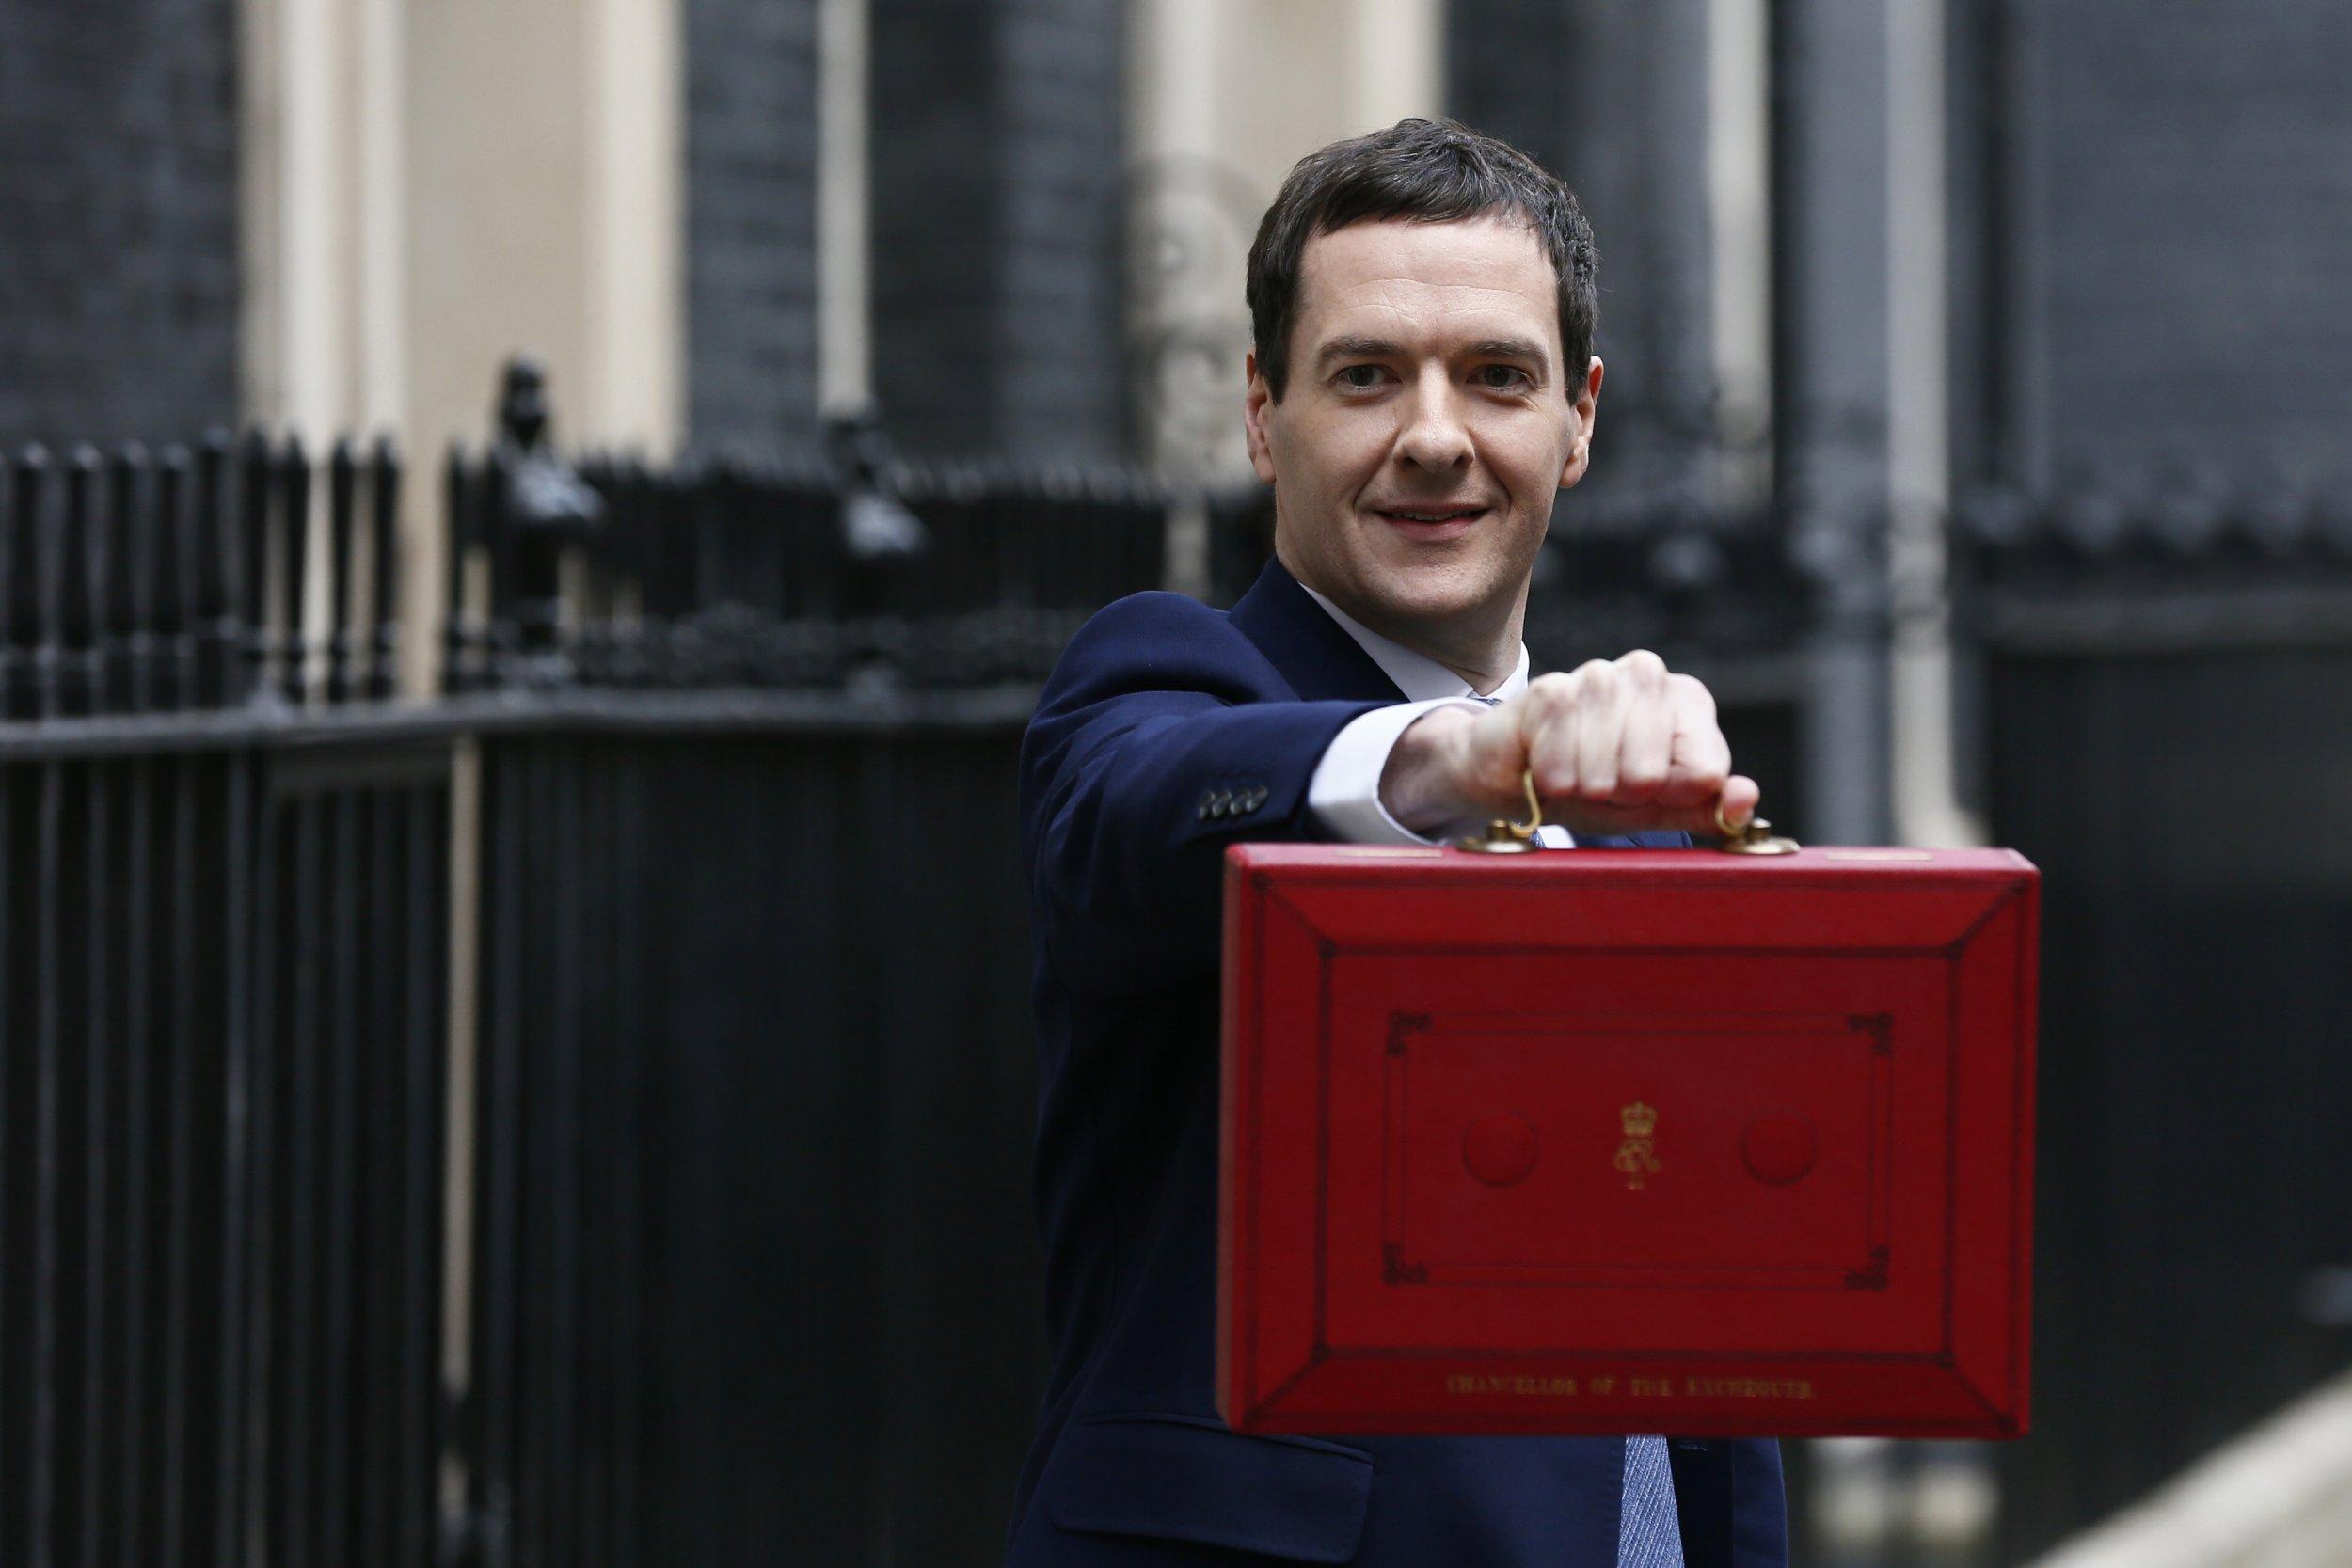 George Osborne presents UK budget.